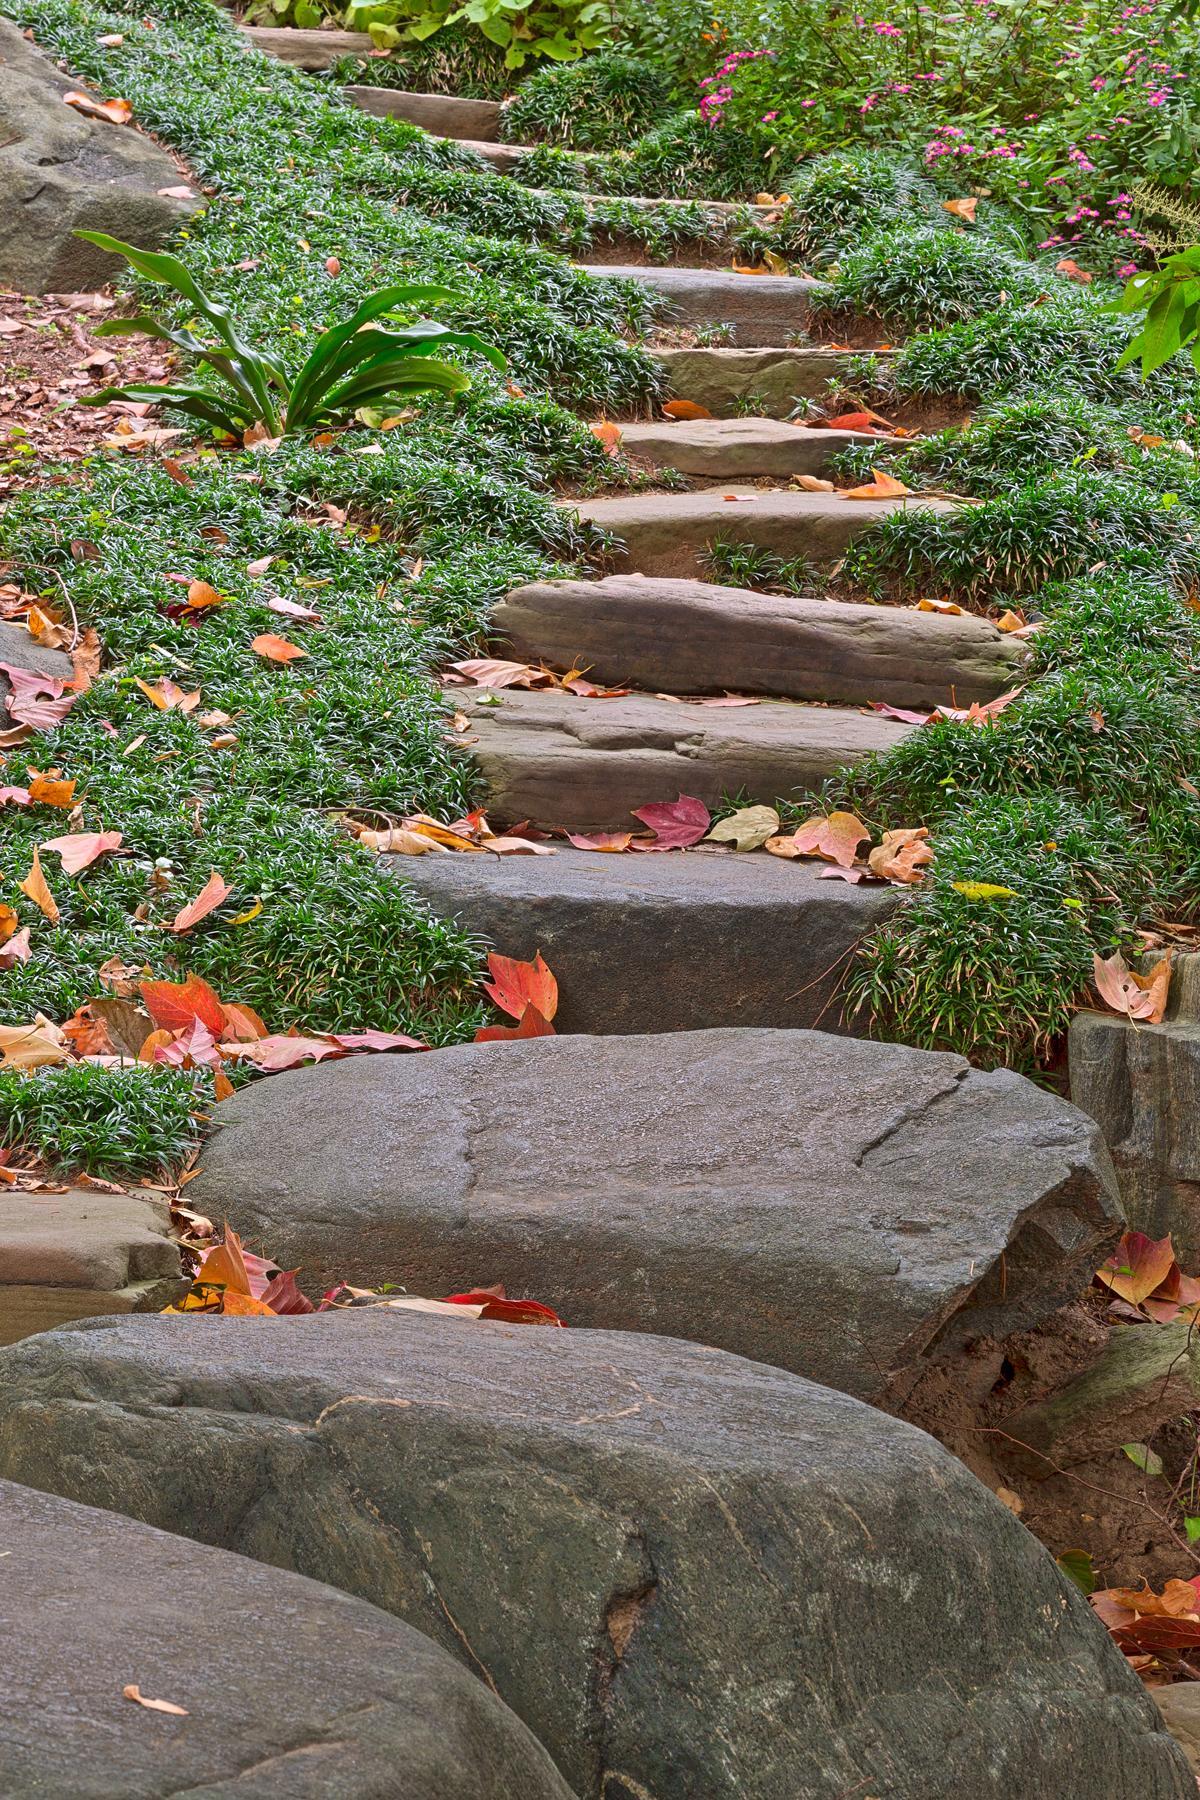 Arboretum stepping stones - hdr photo